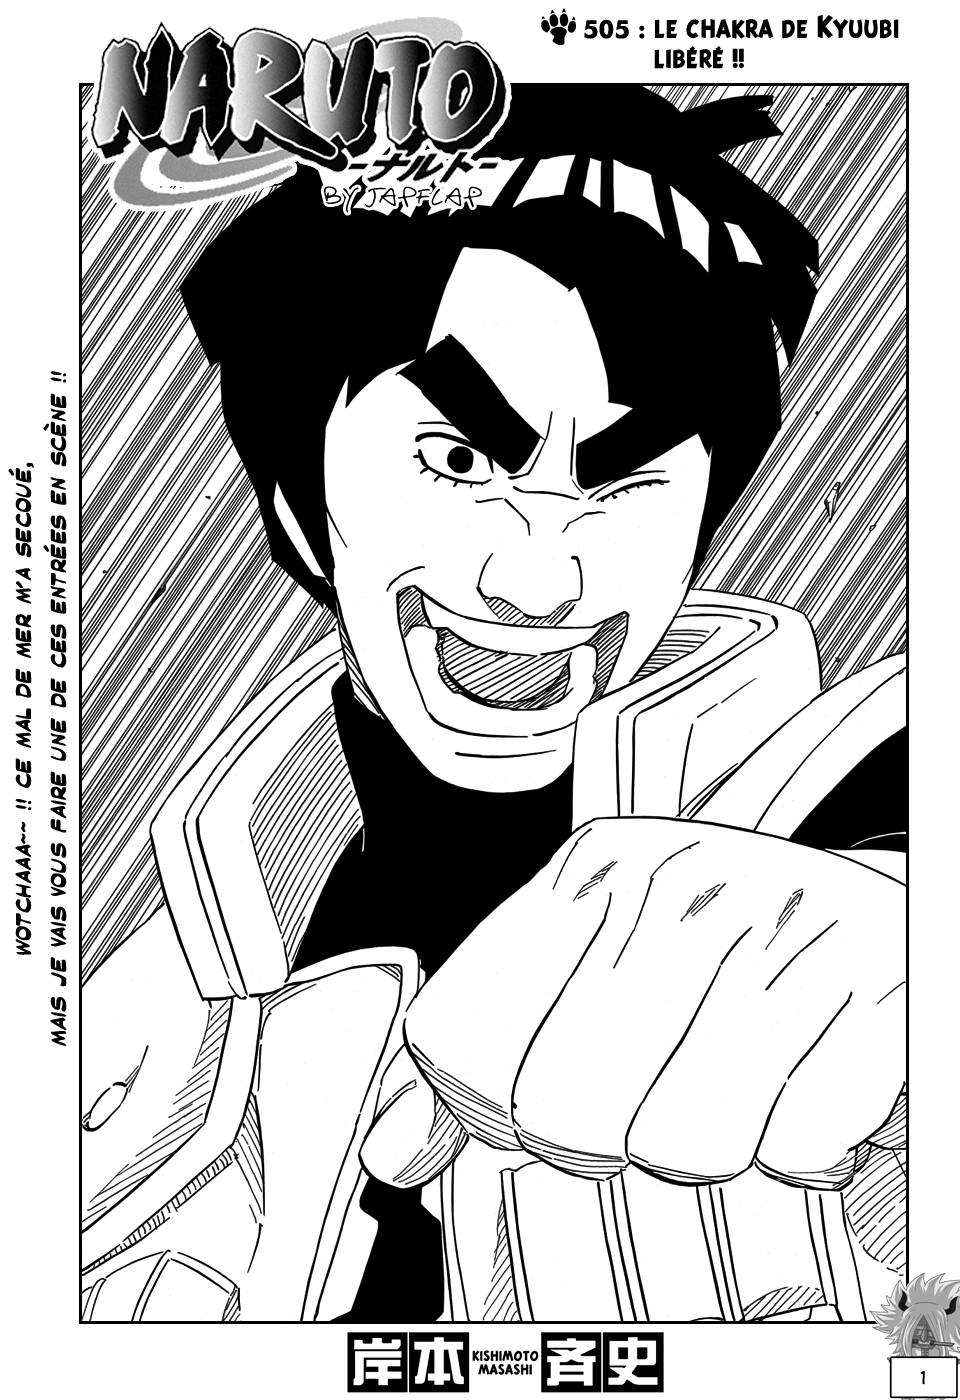 Naruto chapitre 505 - Page 1